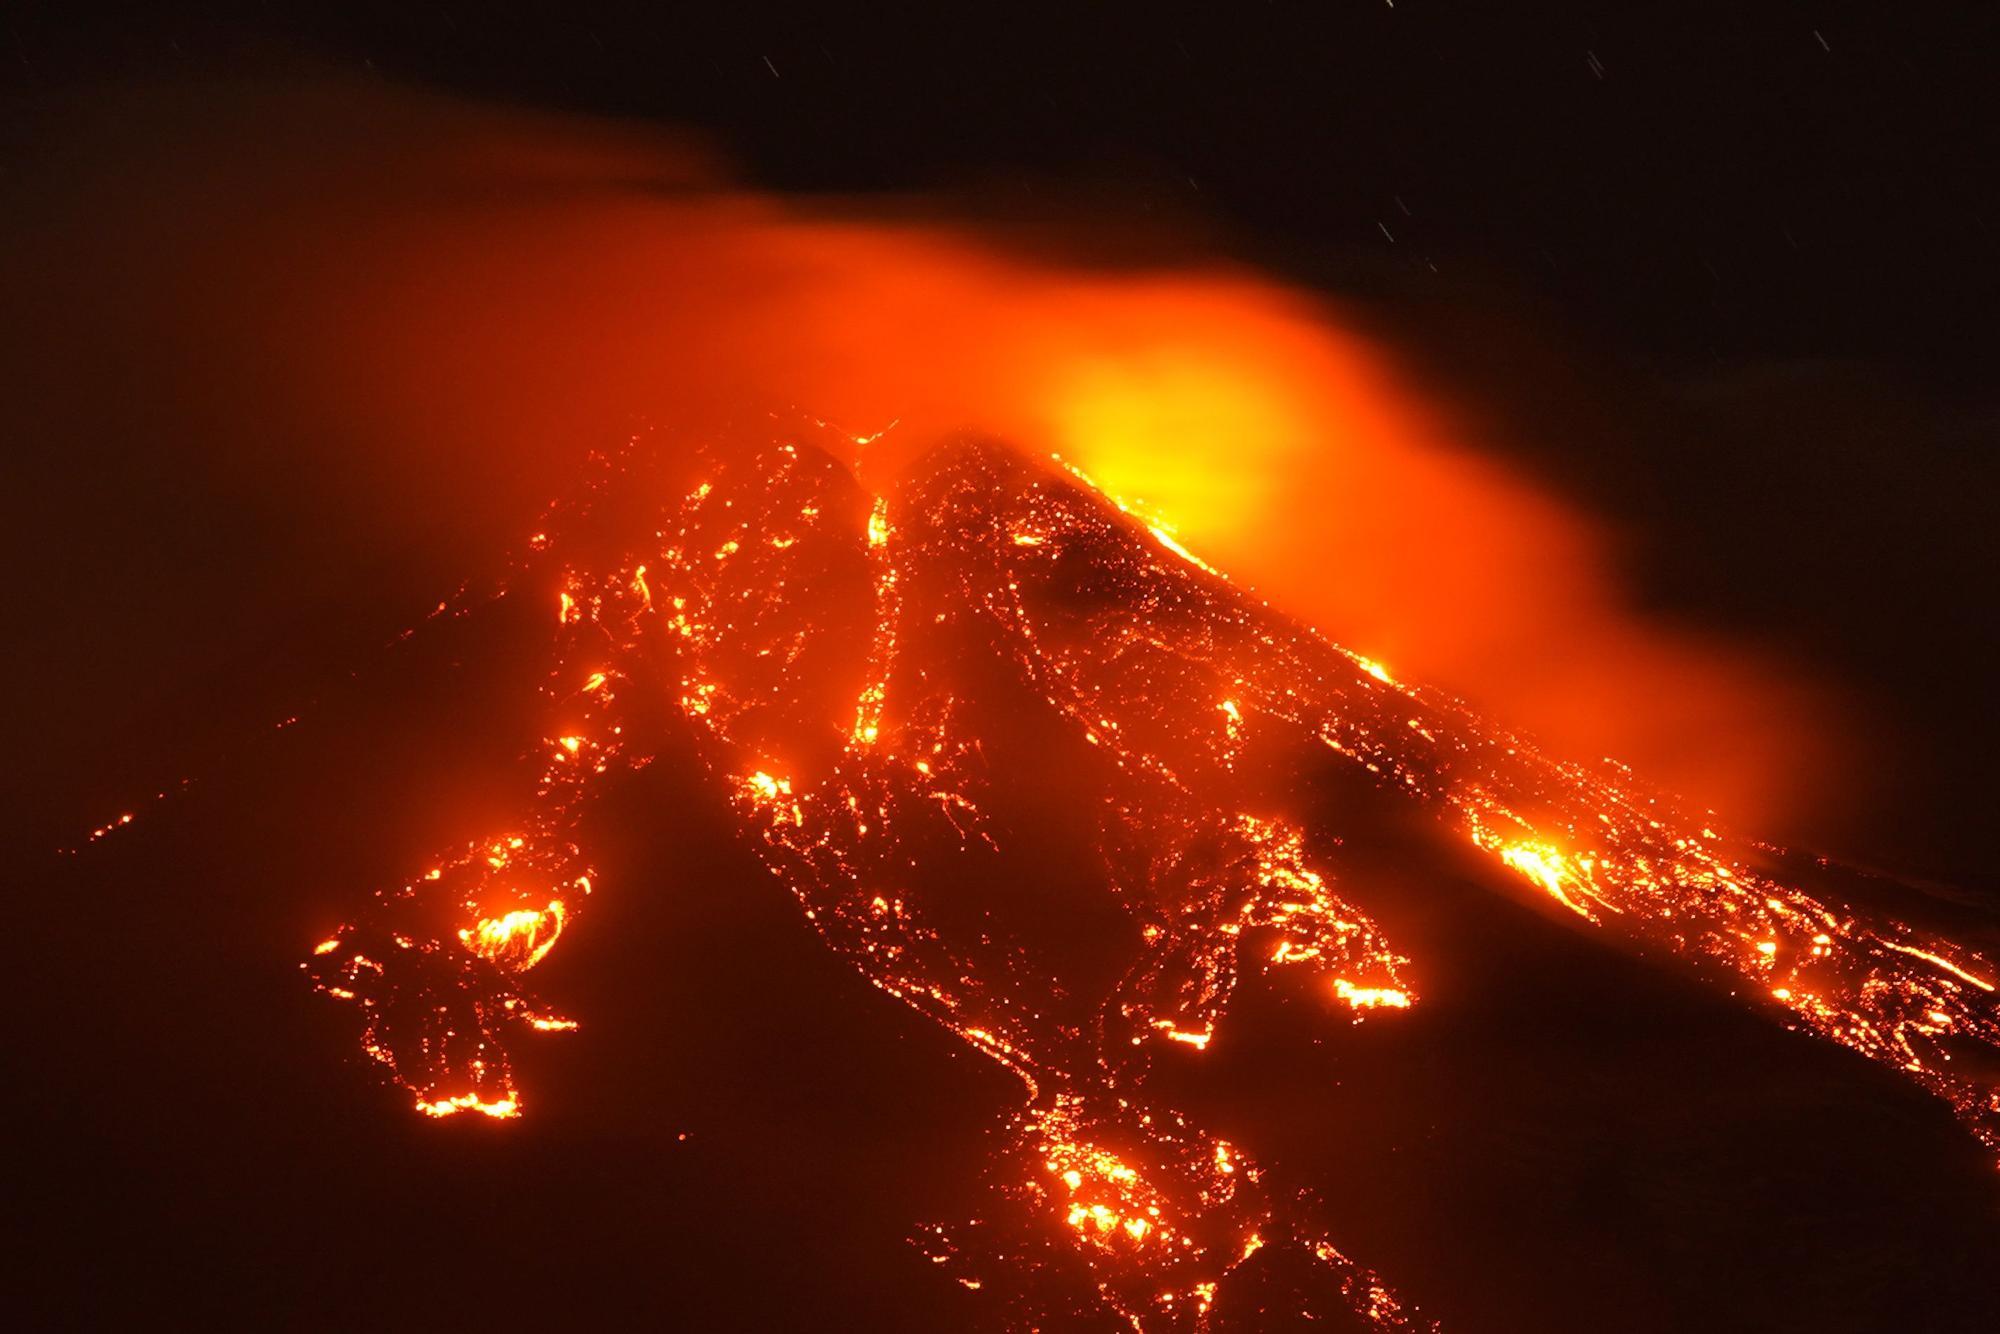 El volcán Etna entra en erupción y deja unas imágenes nunca vistas